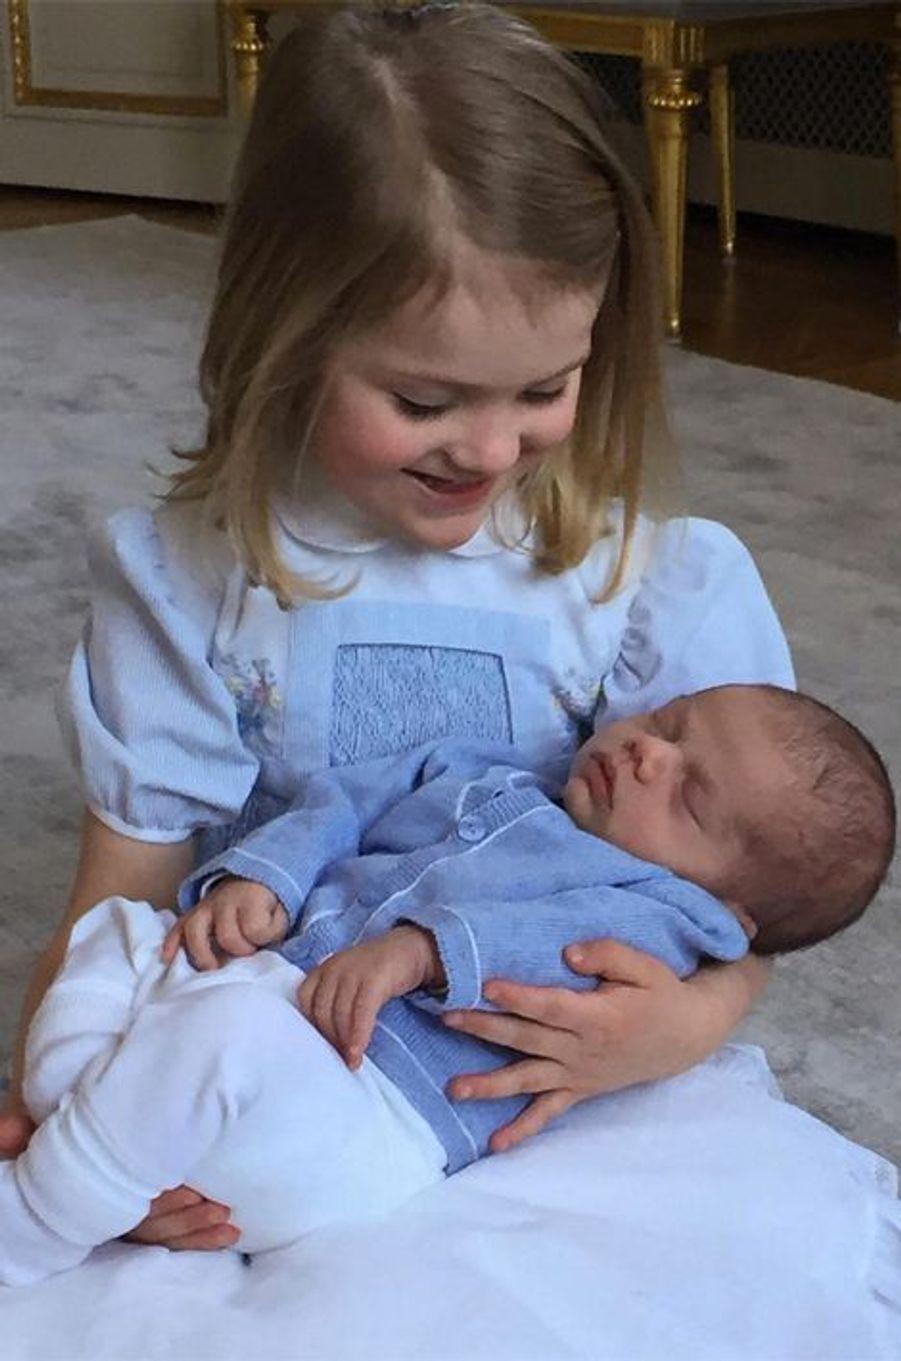 La Maison royale de Suède a publié ce jeudi 24 mars un adorable cliché de la princesse Estelle avec son petit frère le prince Oscar, les enfants de la princesse Victoria.Chaque dimanche, le Royal Blog de Paris Match vous propose de voir ou revoir les plus belles photographies de la semaine royale.